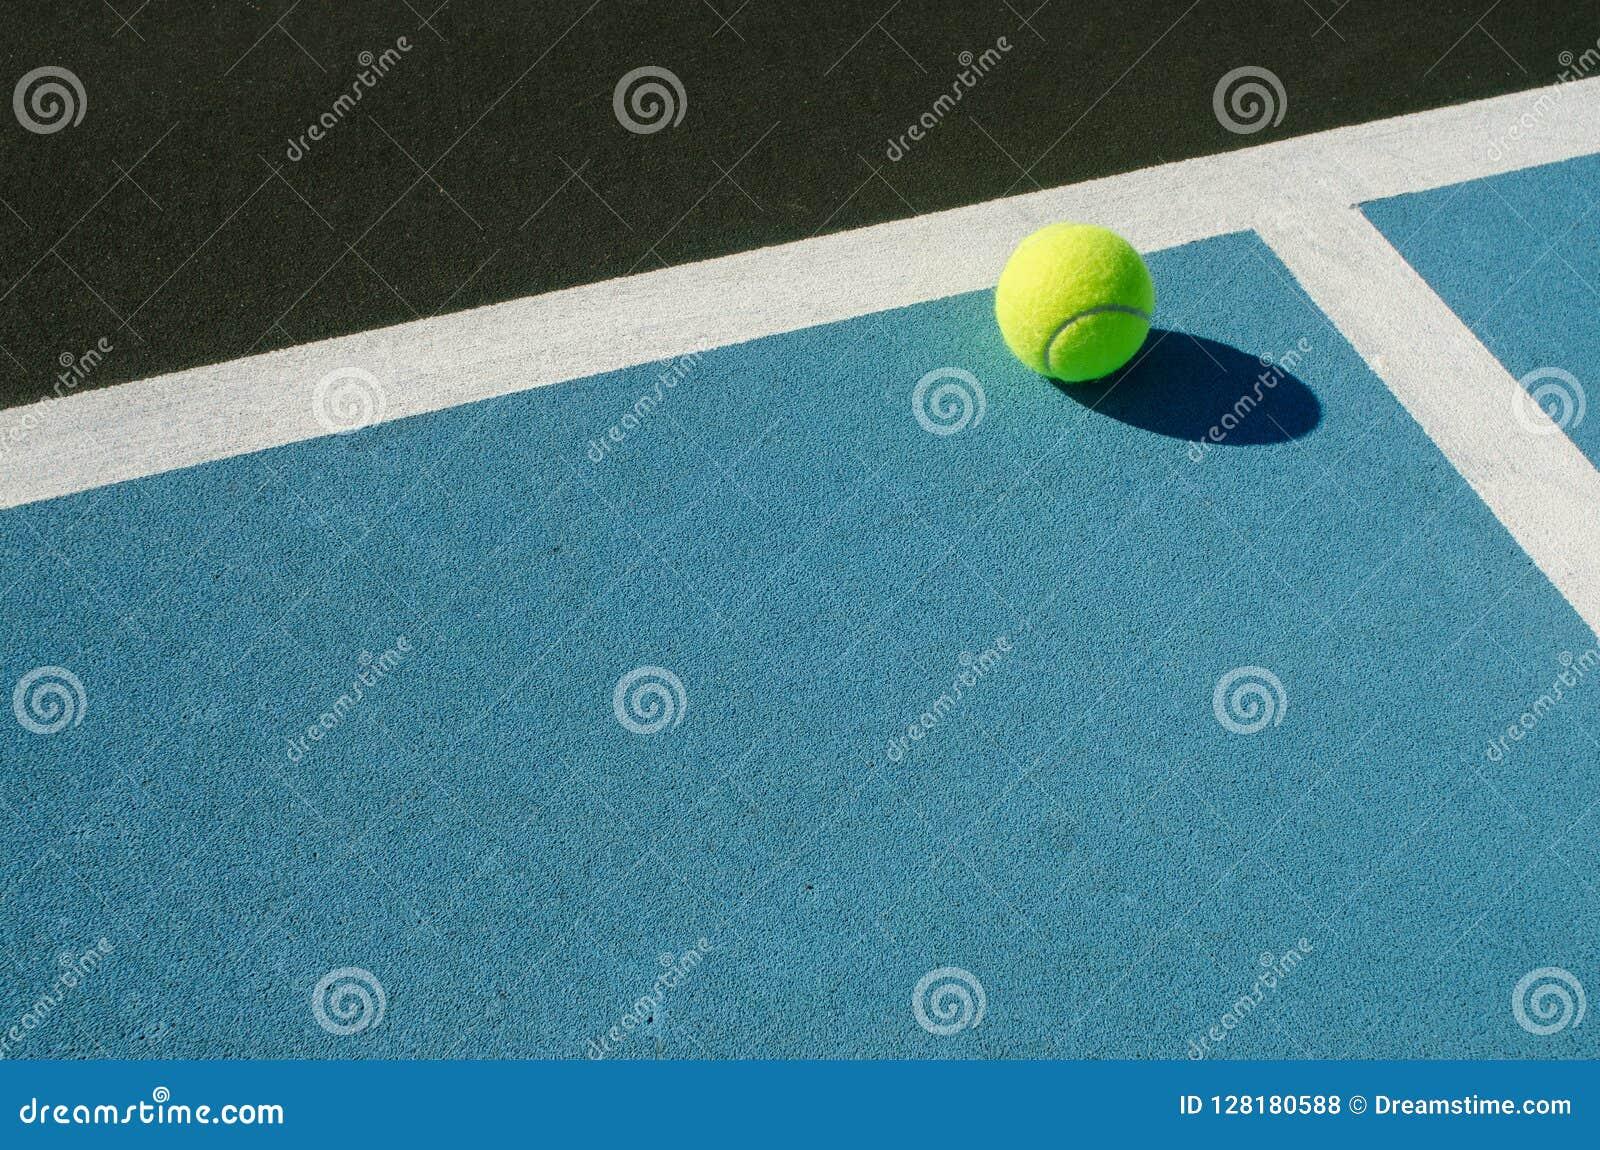 Υπόλοιπα σφαιρών αντισφαίρισης στο μπλε γήπεδο αντισφαίρισης